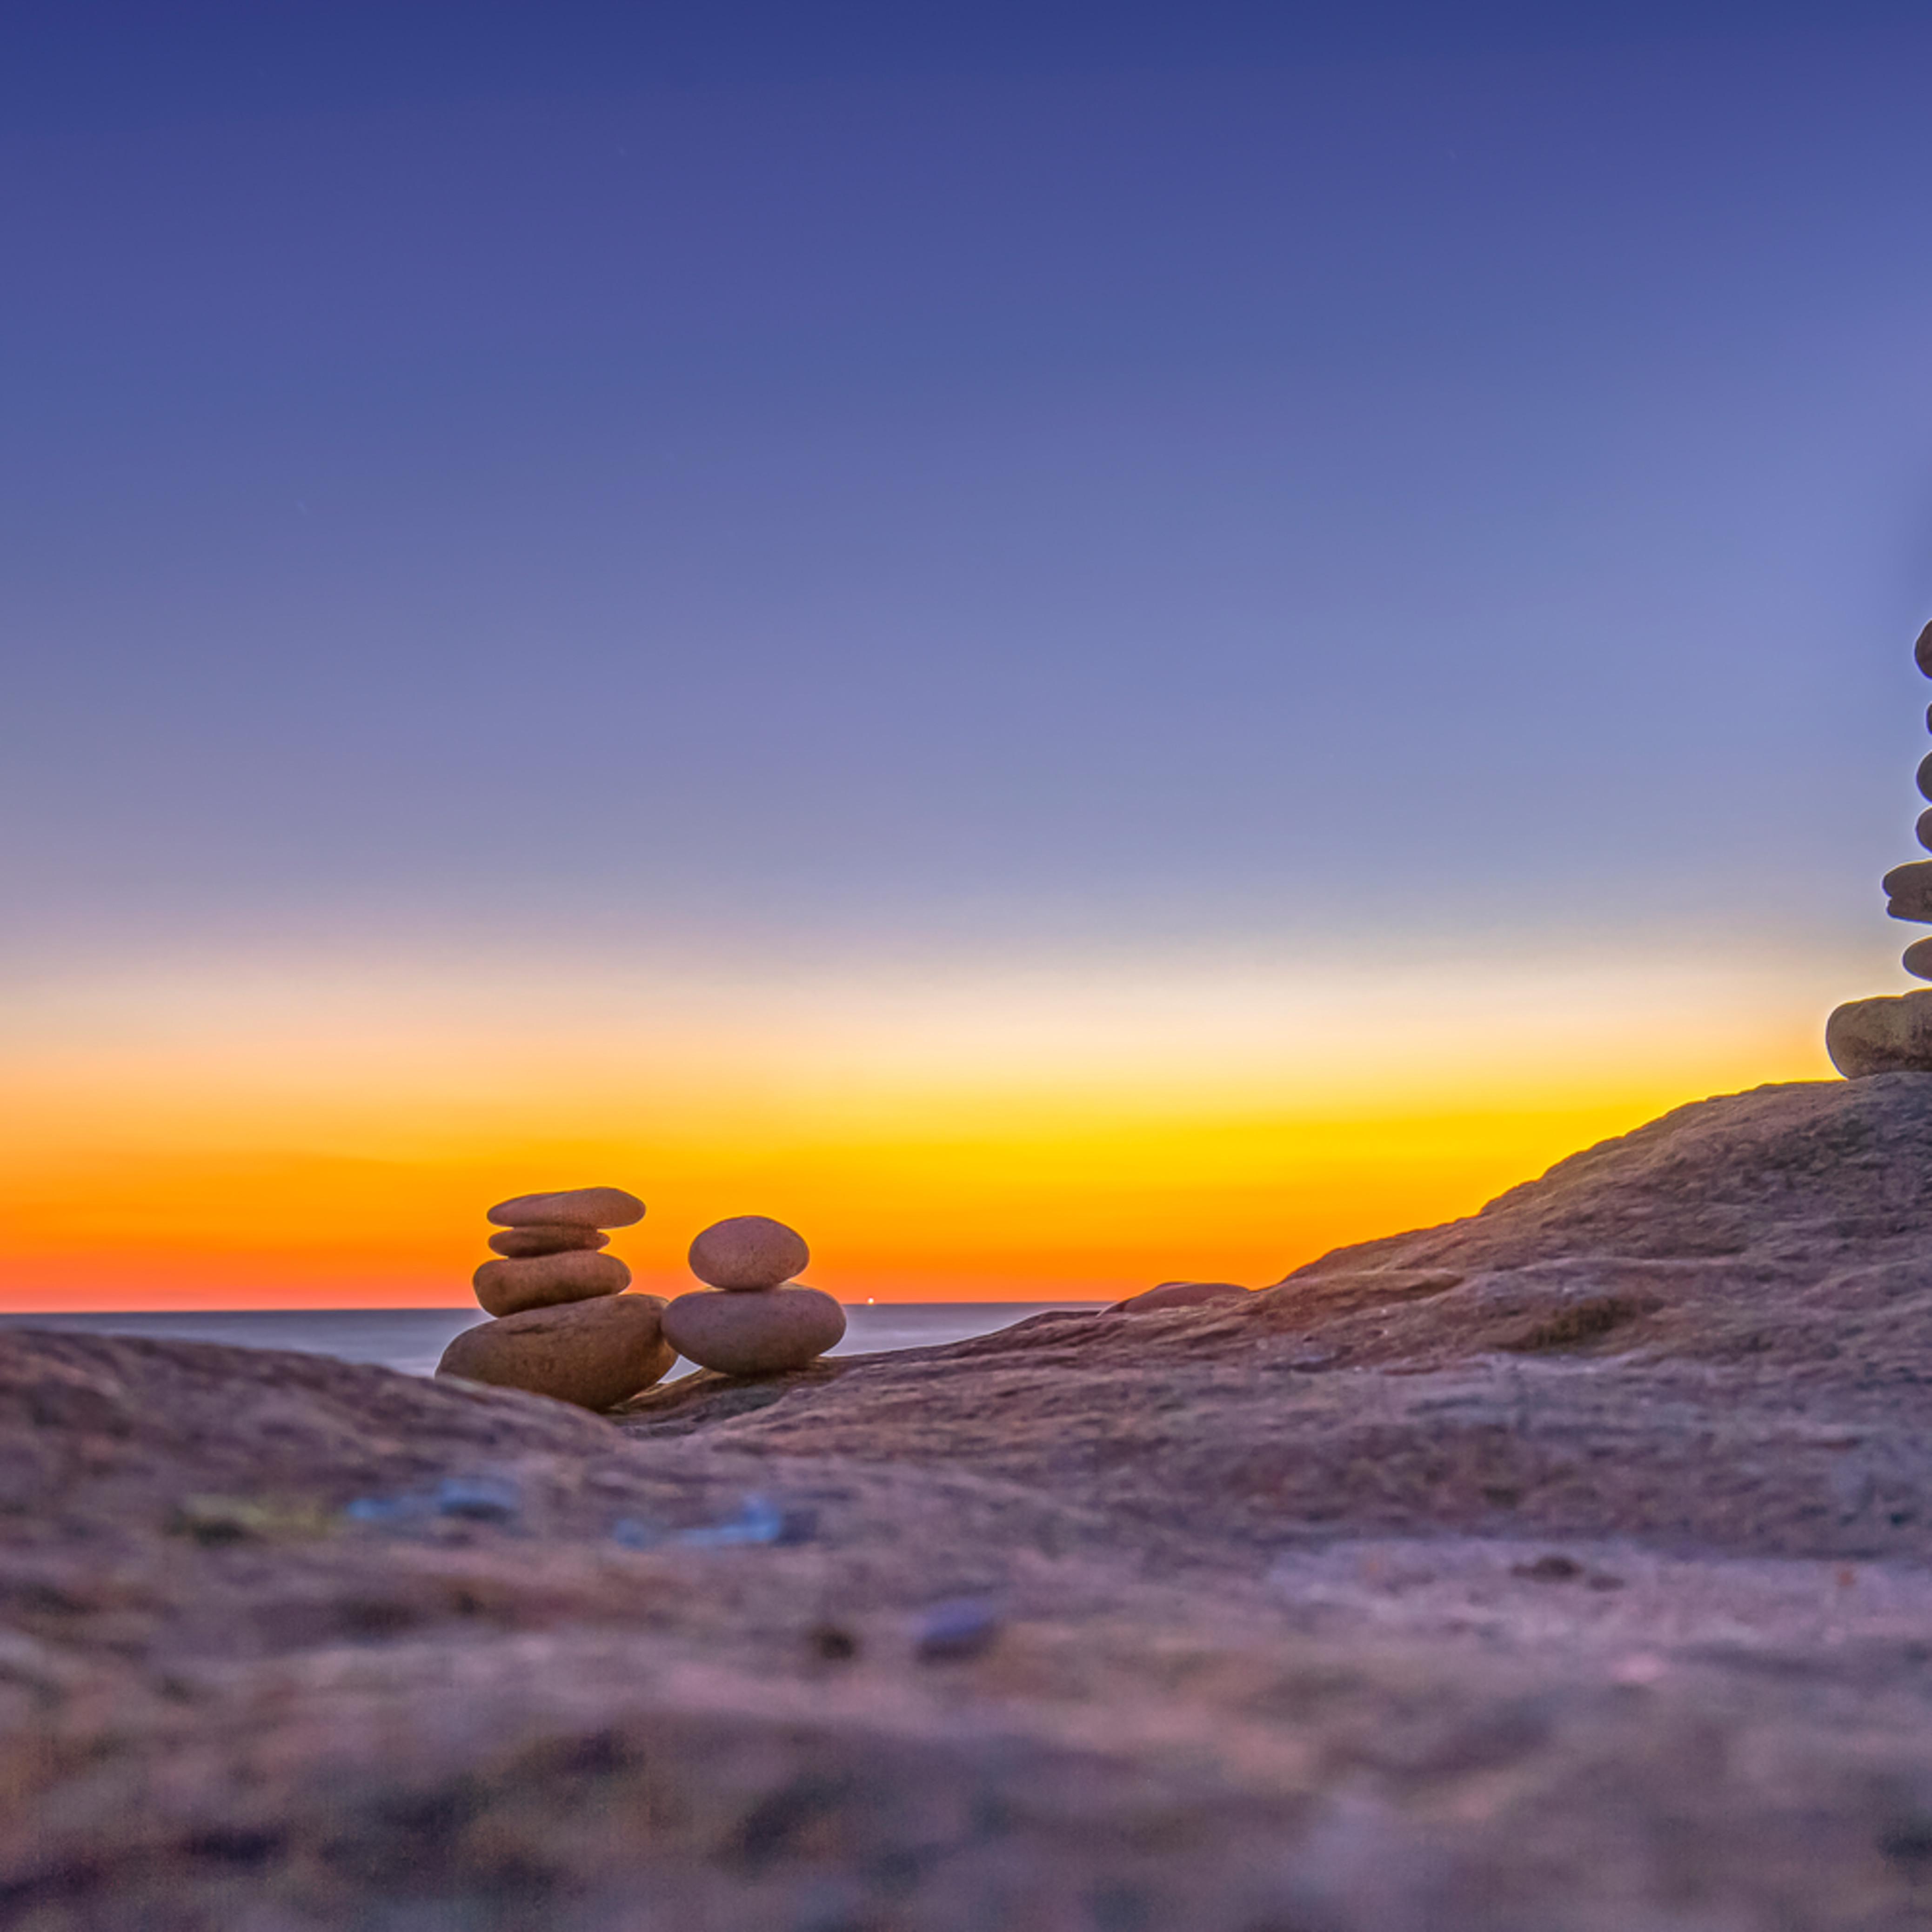 Moshup beach sunset cairn vzucgz